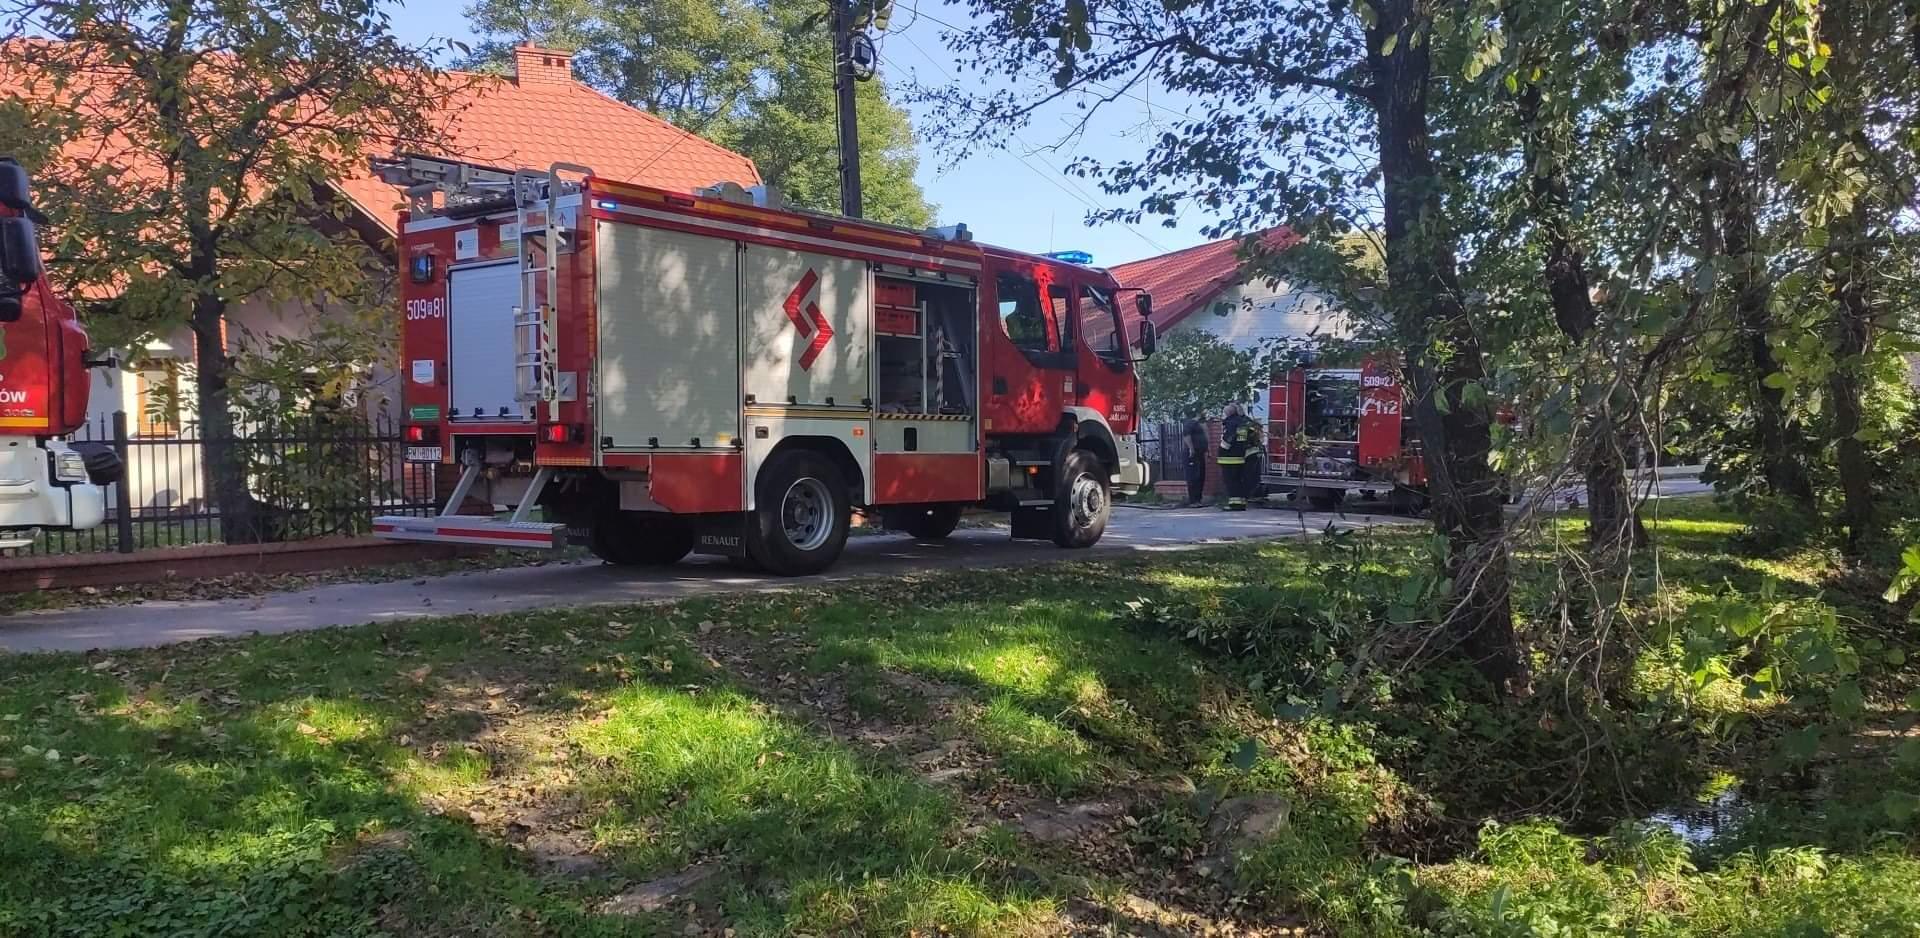 Pożar kotłowni w gminie Gawłuszowice. Strażacy w akcji [ZDJĘCIA] - Zdjęcie główne